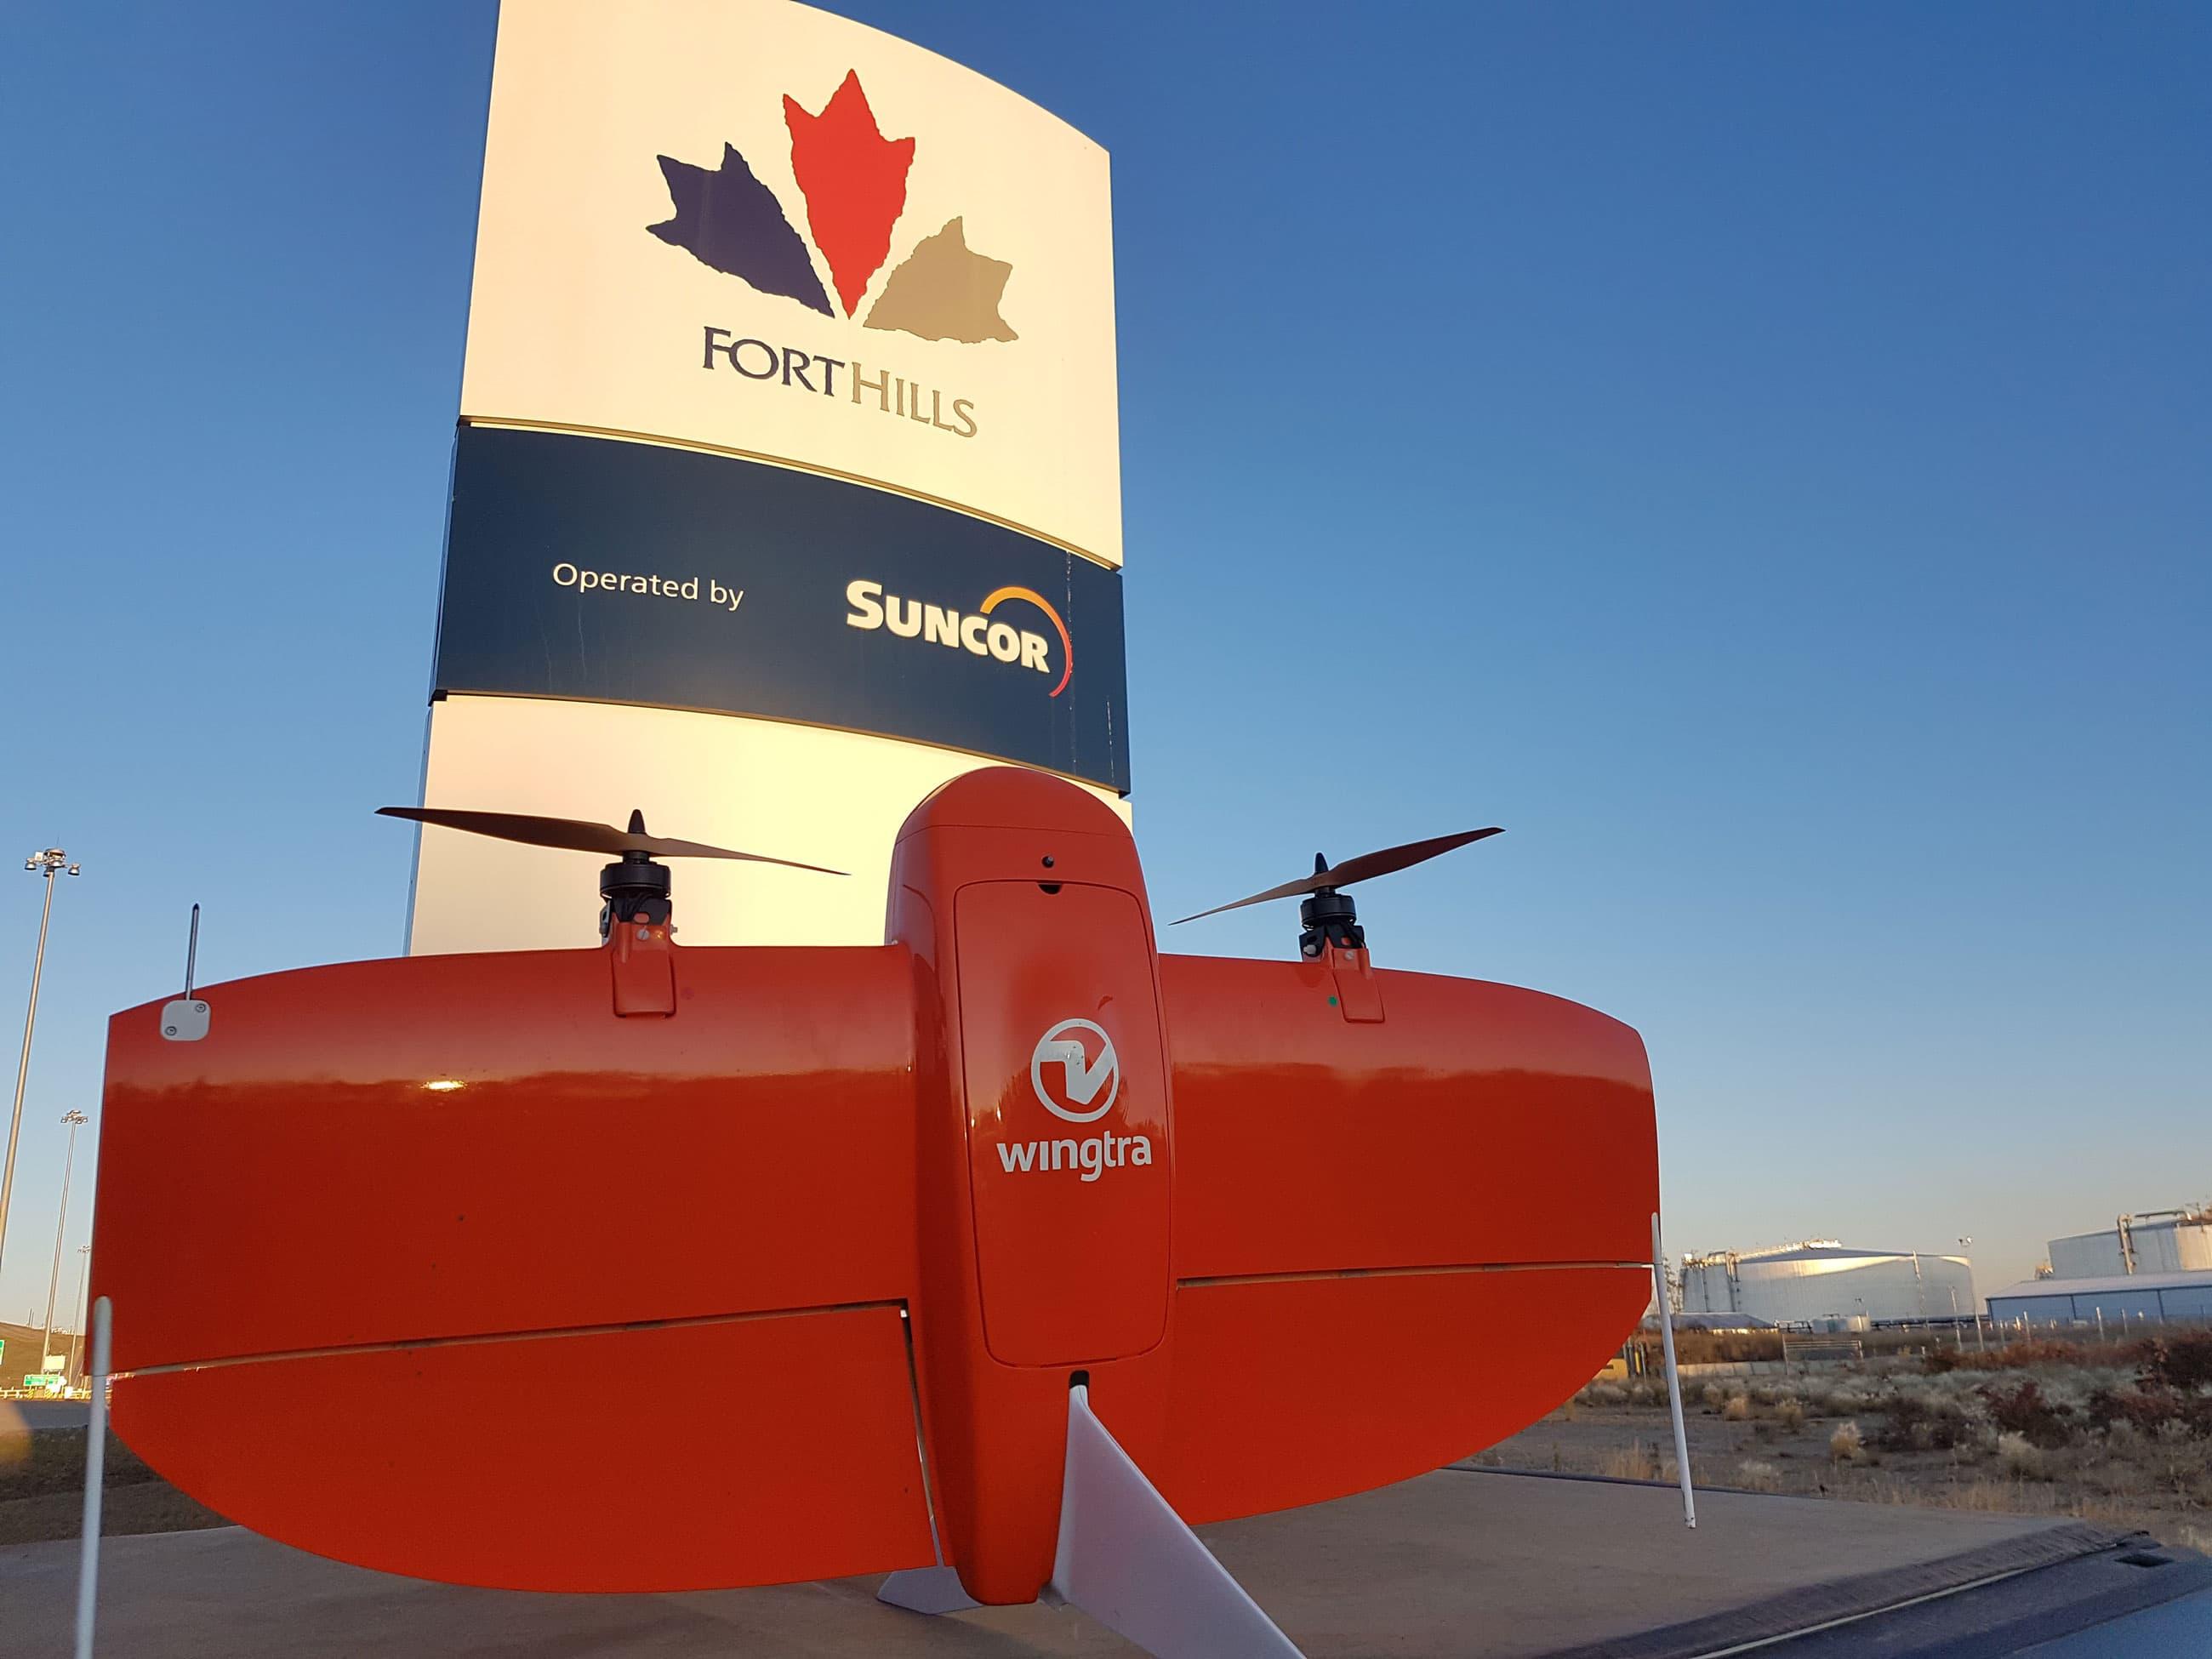 Projet portant sur la technologie de drone pour l'aire d'élimination hors fosse Està Fort Hills